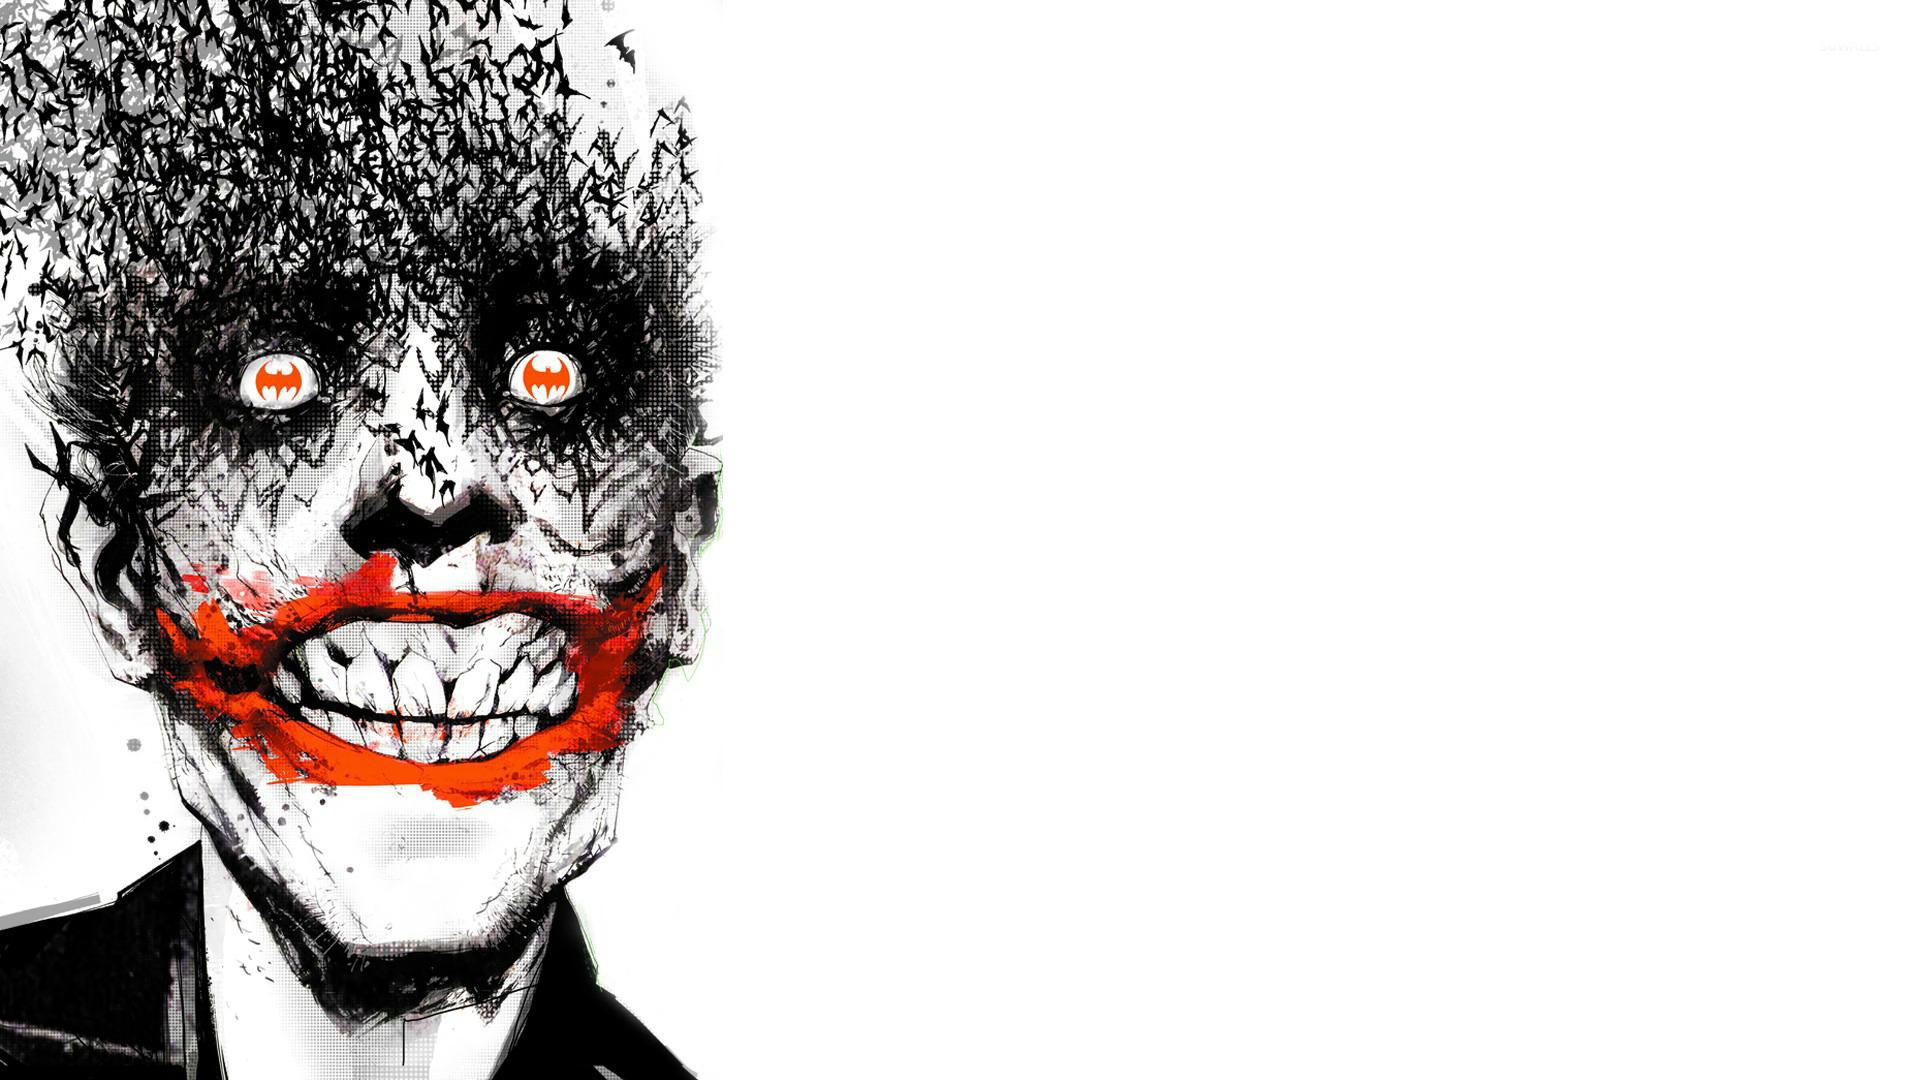 Batface Joker Wallpaper